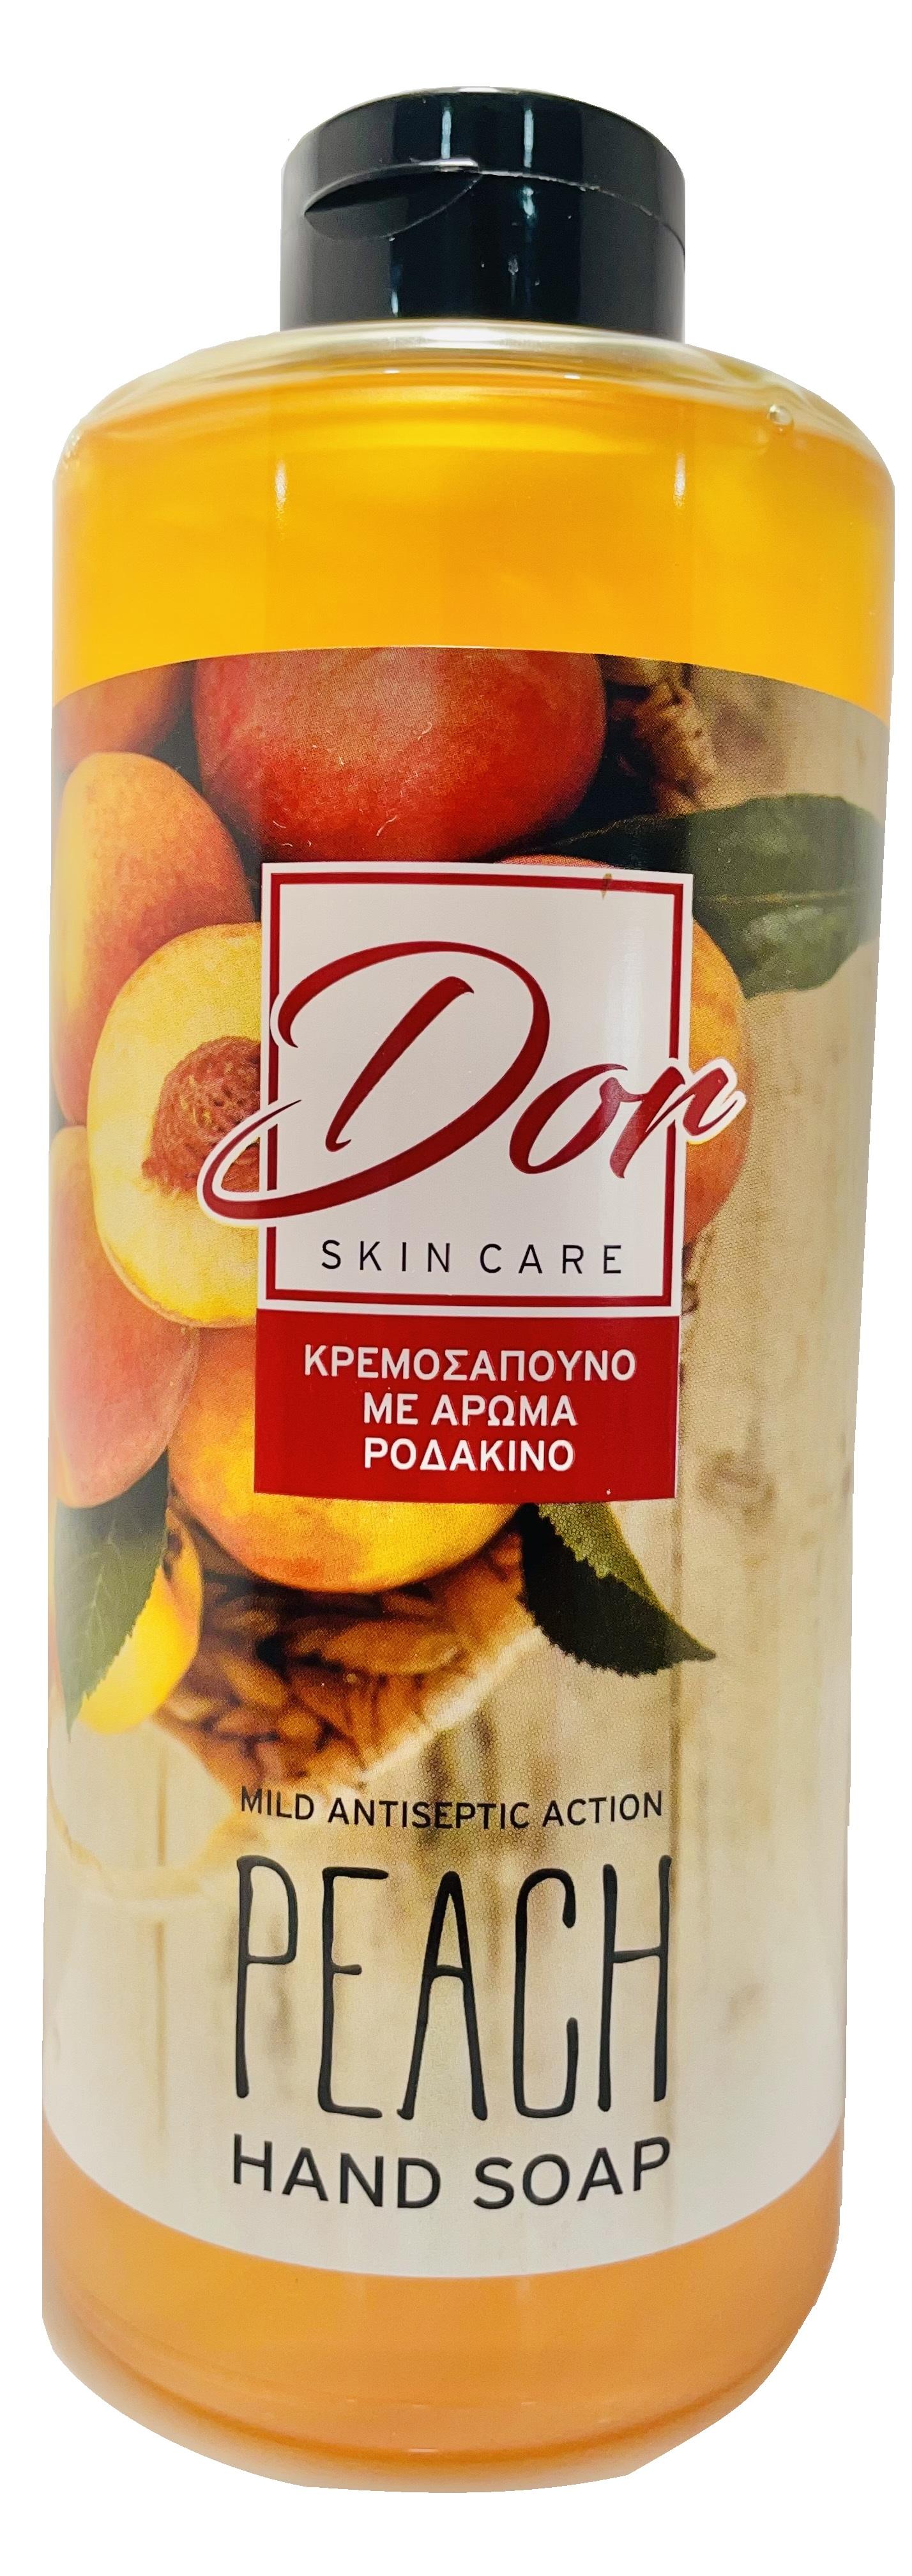 DOR HAND SOAP PEACH ANTICEPTIC REFILL 1L